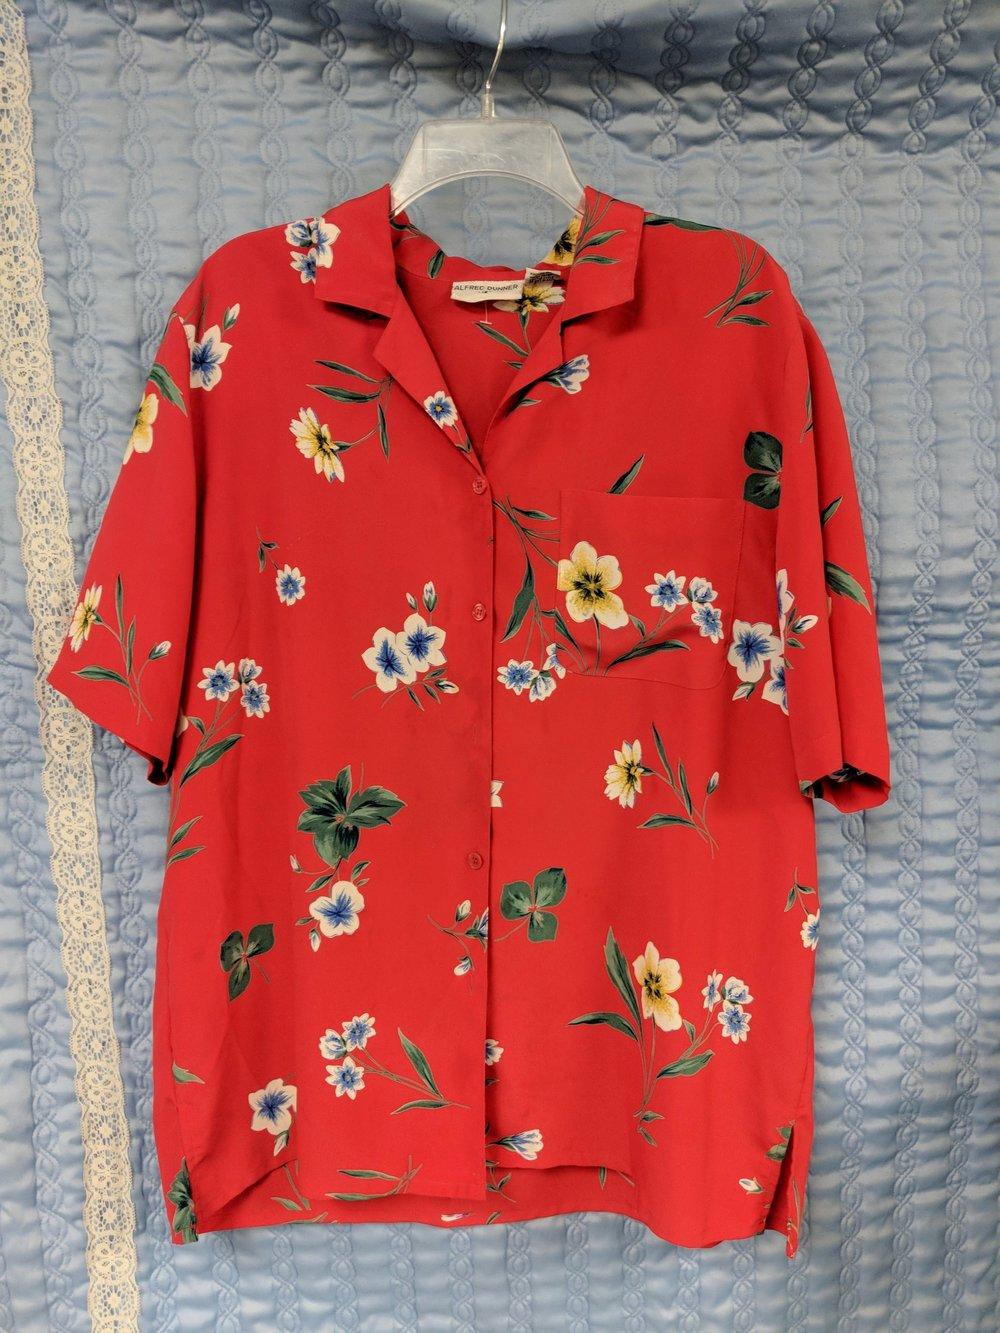 Hawaiian Shirt.jpg